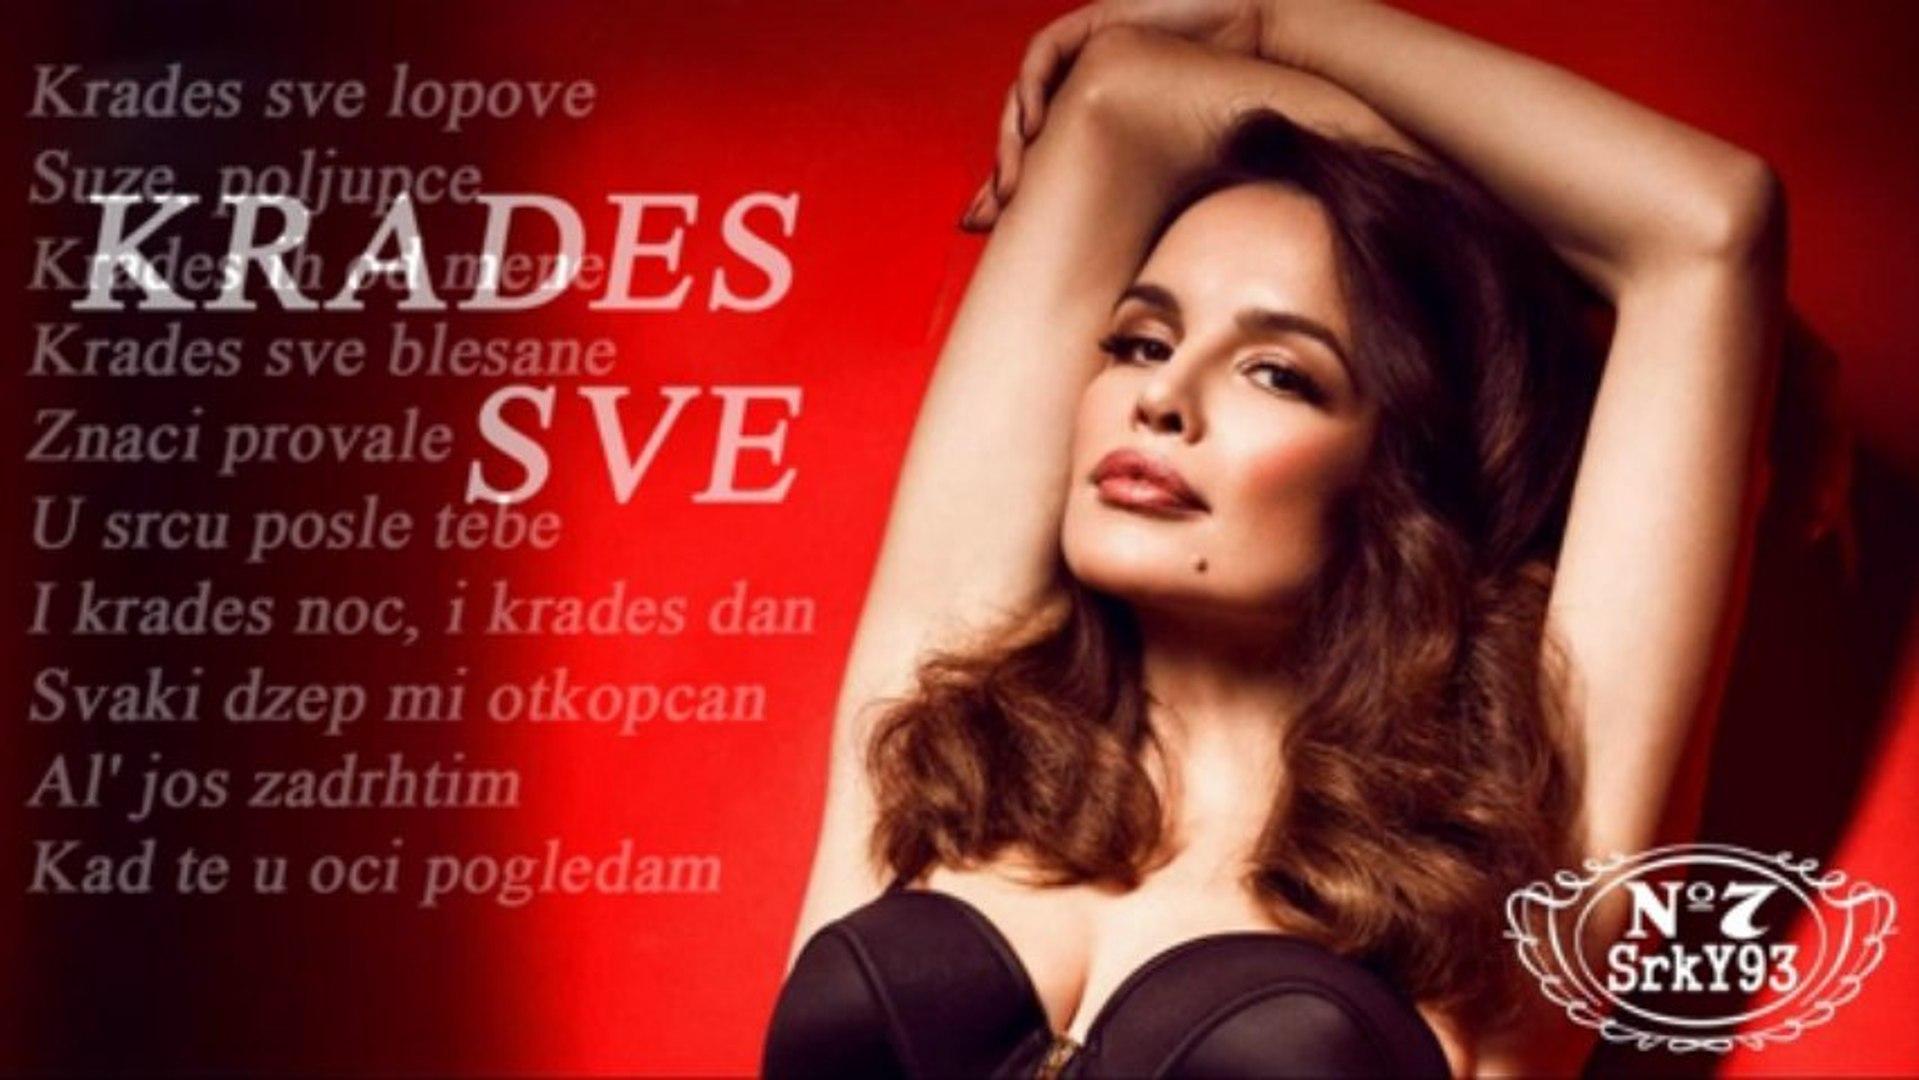 Severina - 2013 - 05 - Krades sve + Tekst